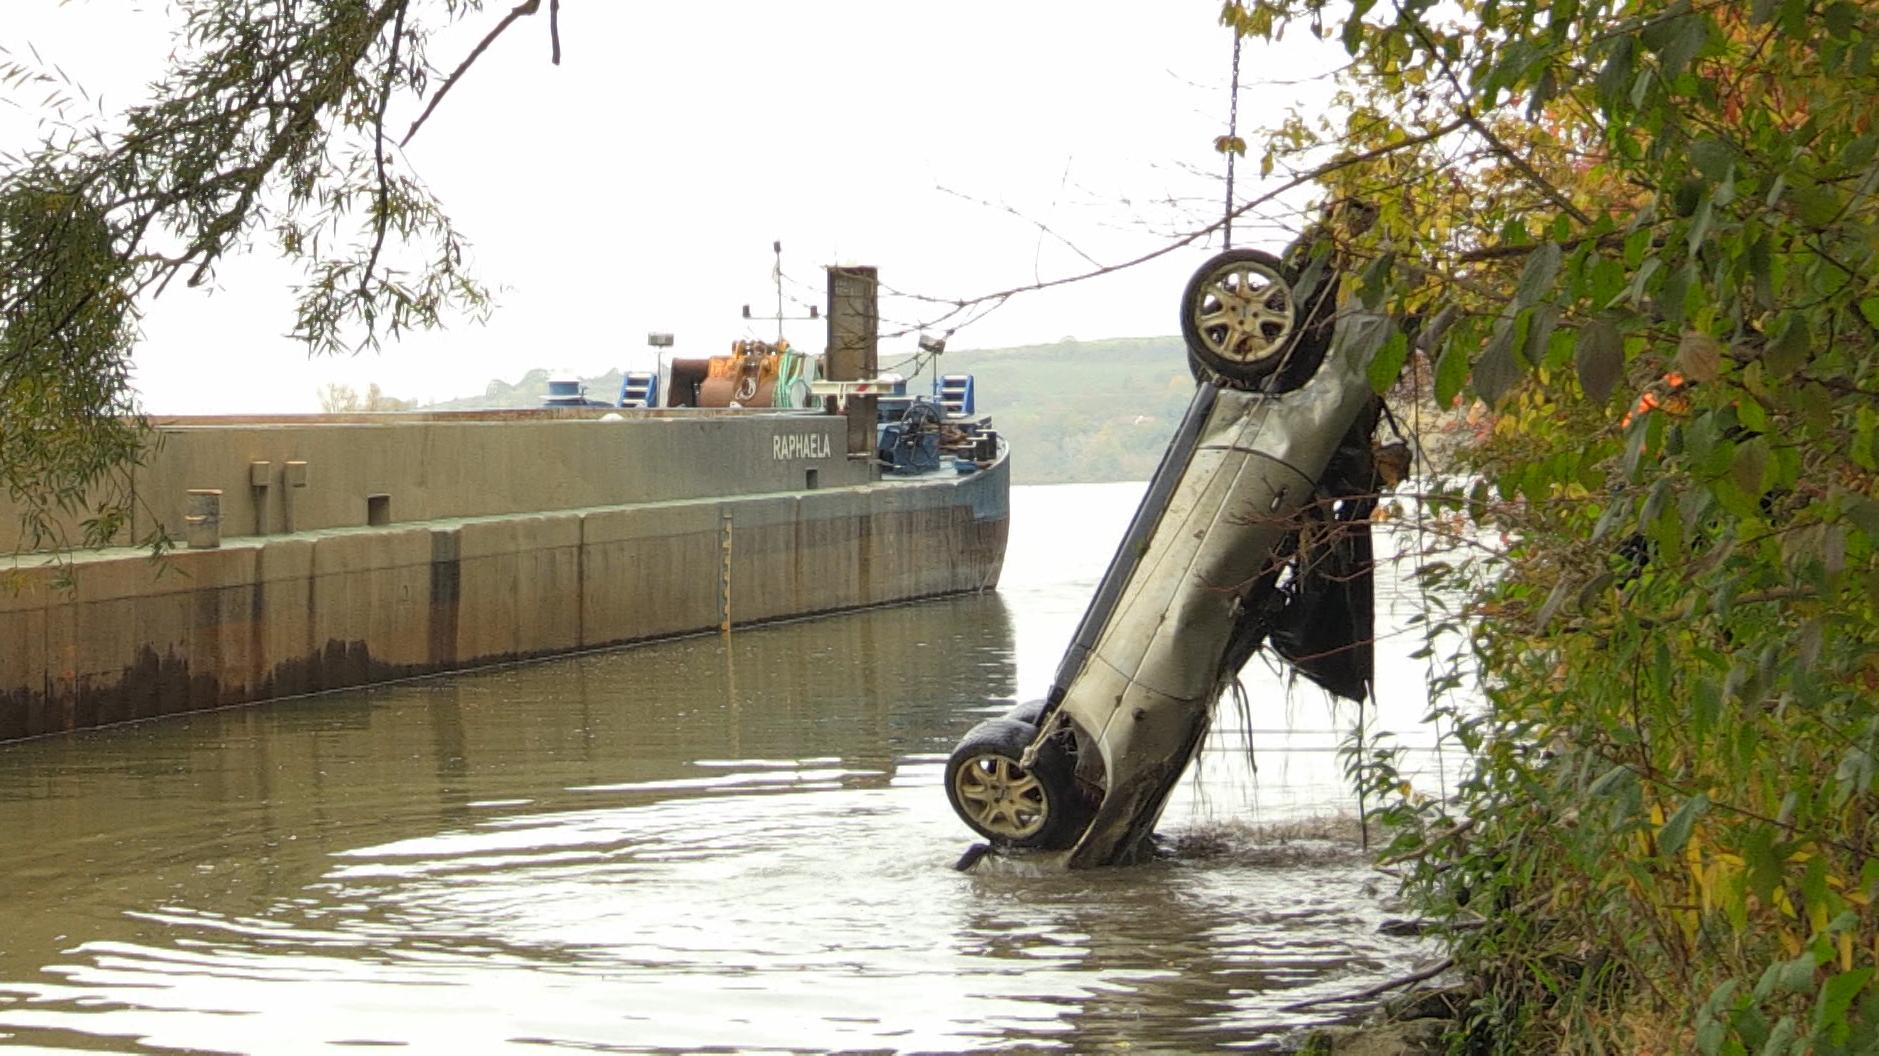 Das gestohlene Auto wurde von einem Bootsfahrer entdeckt - jetzt konnte es geborgen werden.